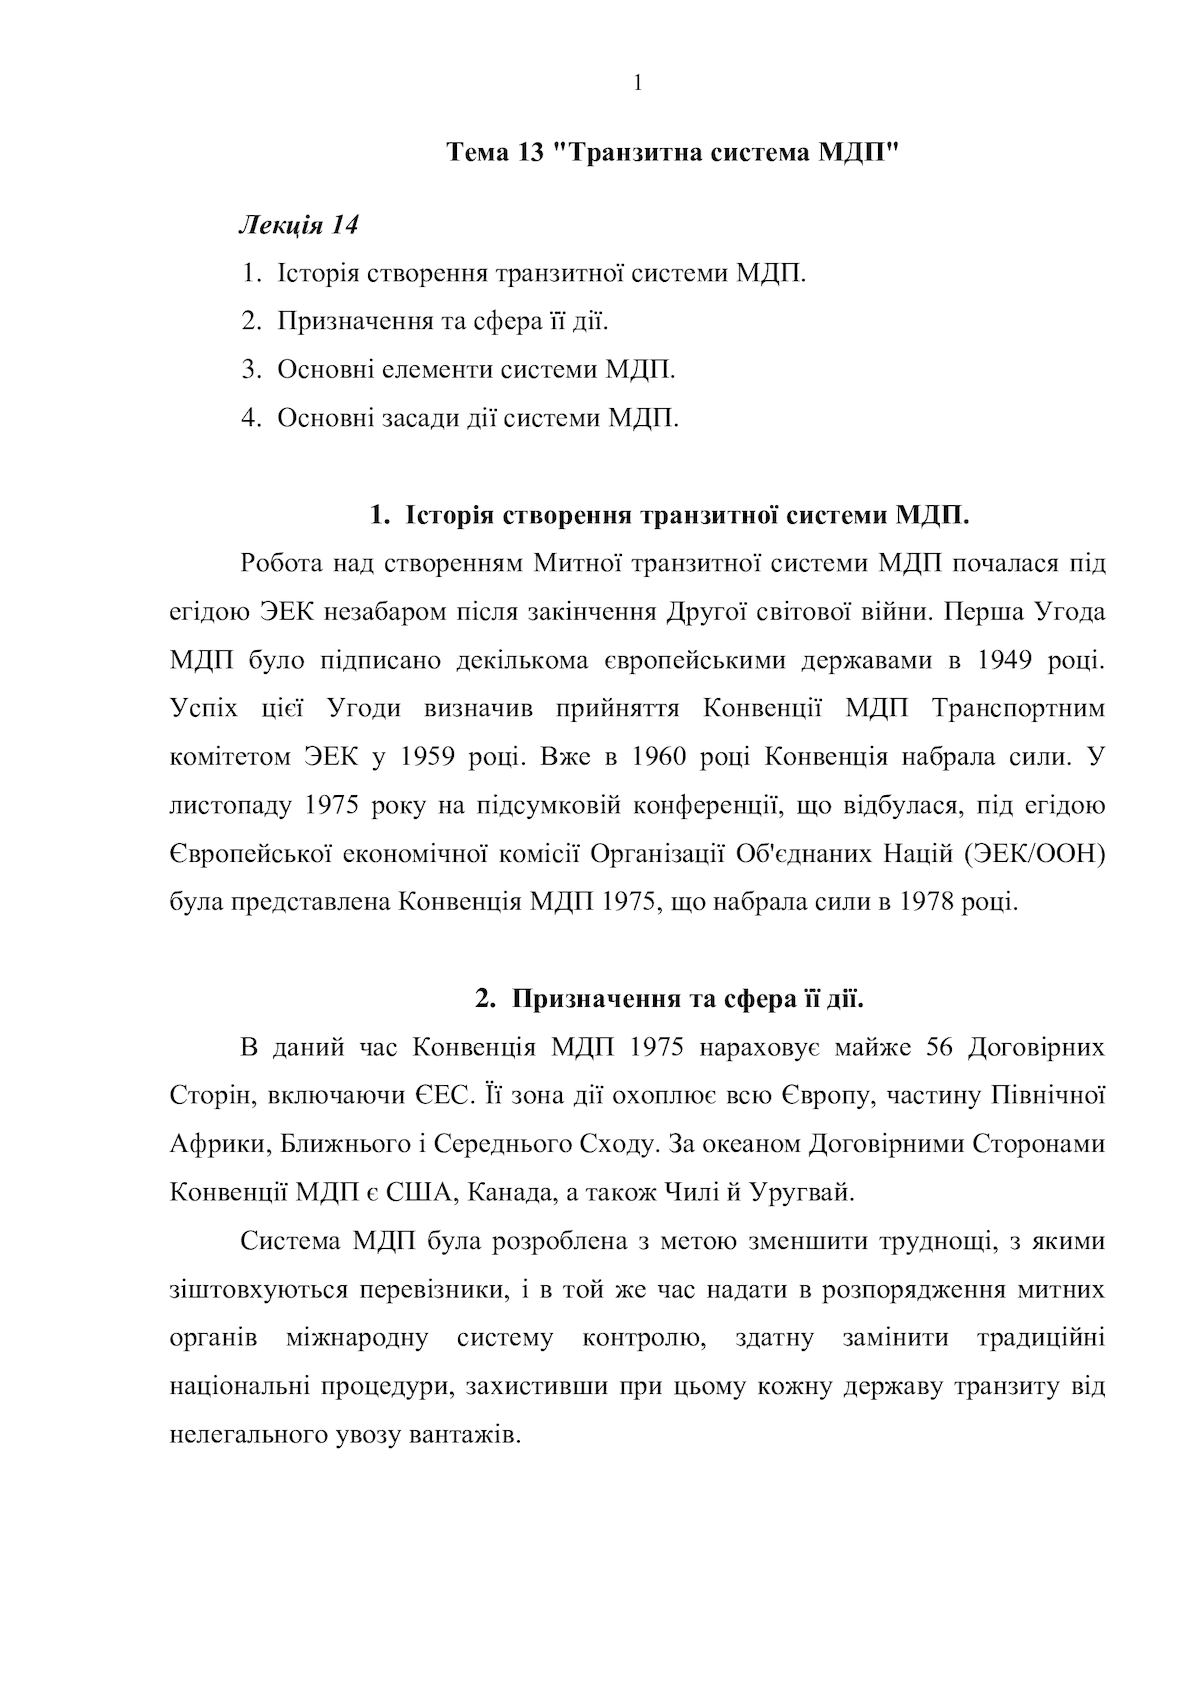 """Лекція 14 """"Транзитна система МДП"""" (Тема 13)"""